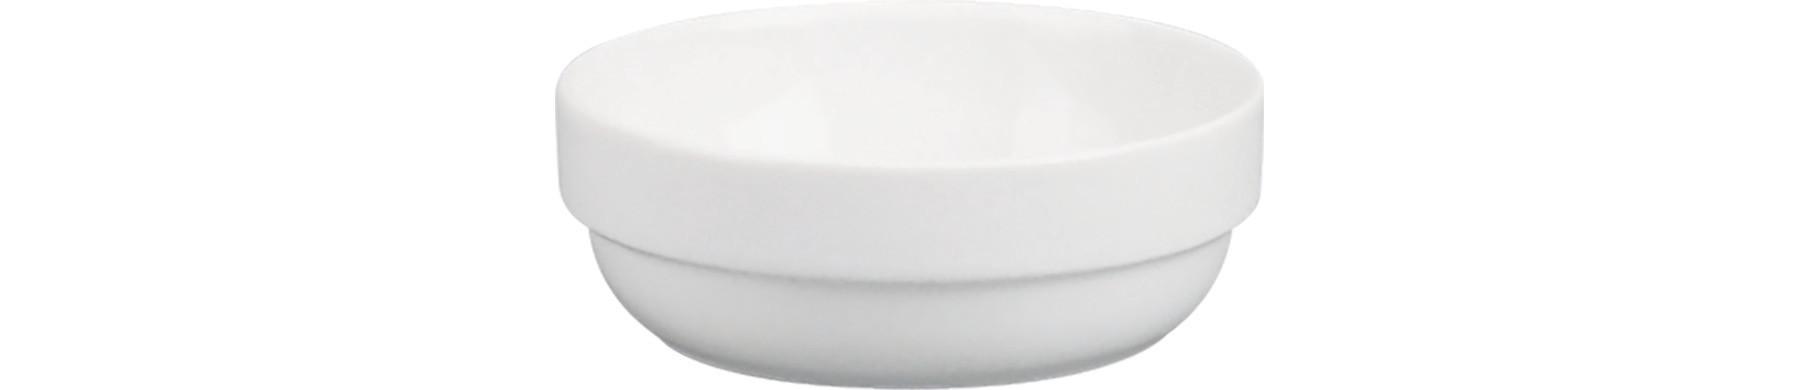 898/598, Salat rund ø 149 mm / 0,59 l Form 898